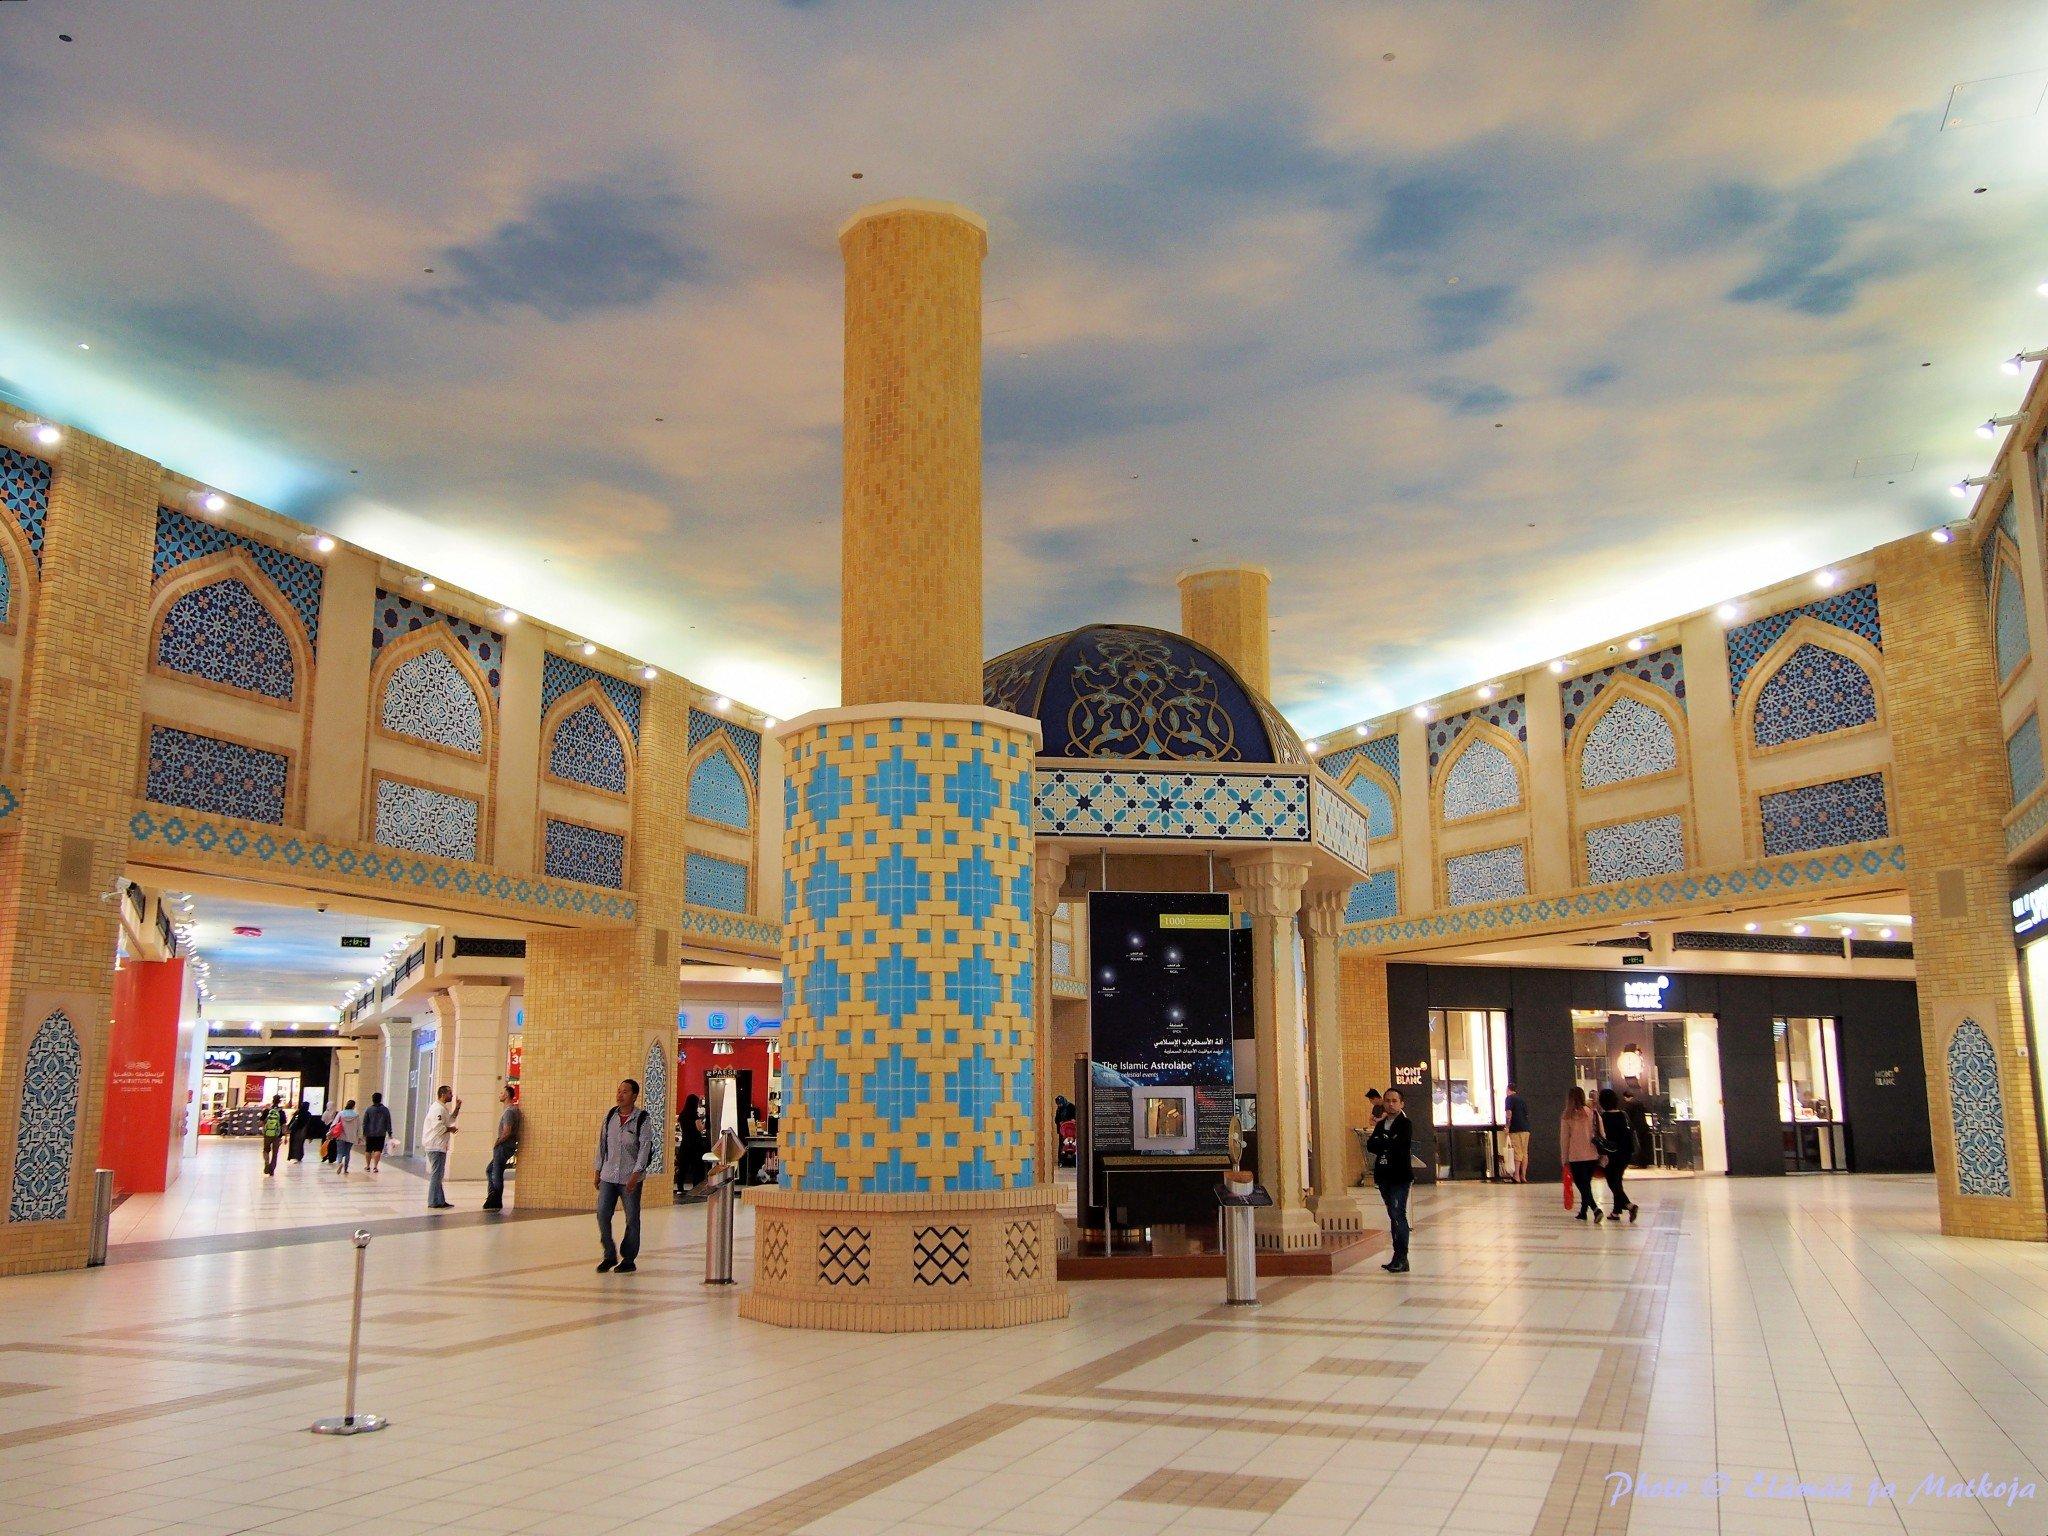 Ibn Battuta Mall Dubai 6 Photo © Elämää ja Matkoja